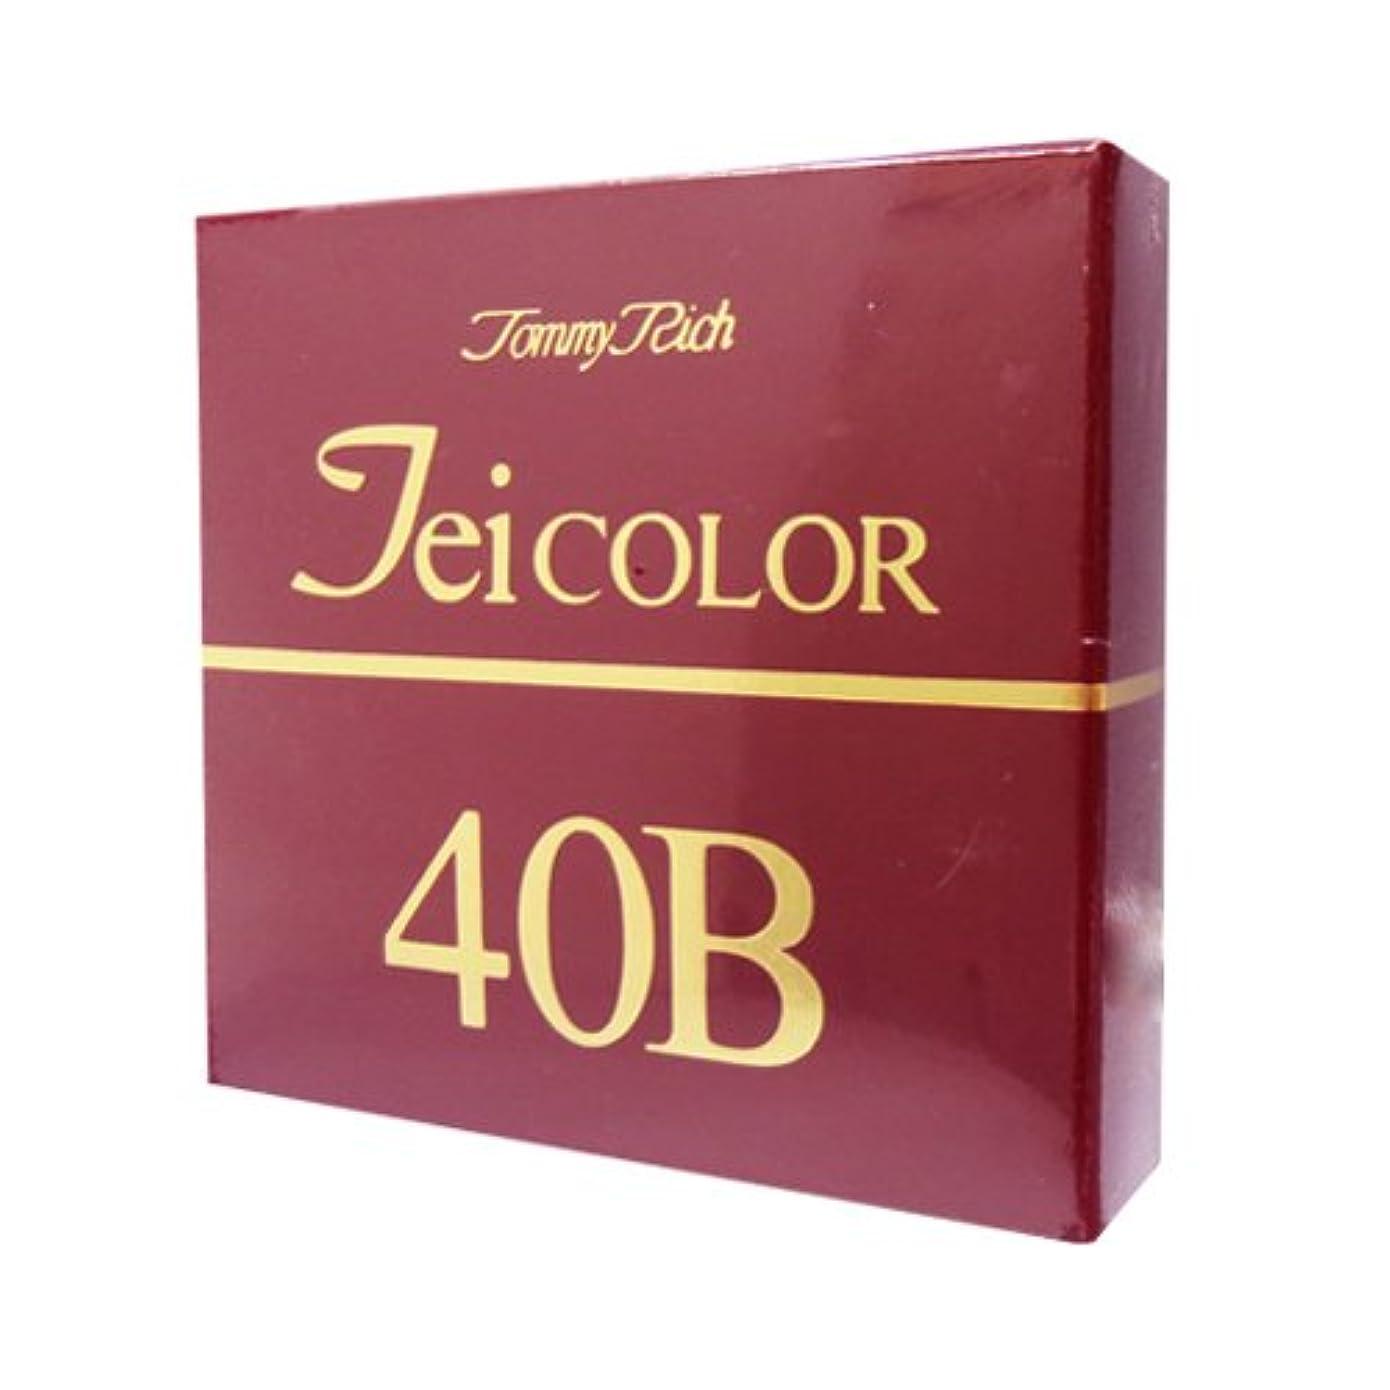 溶接無臭日焼けトミーリッチ TEIカラー 40B(色白肌用)